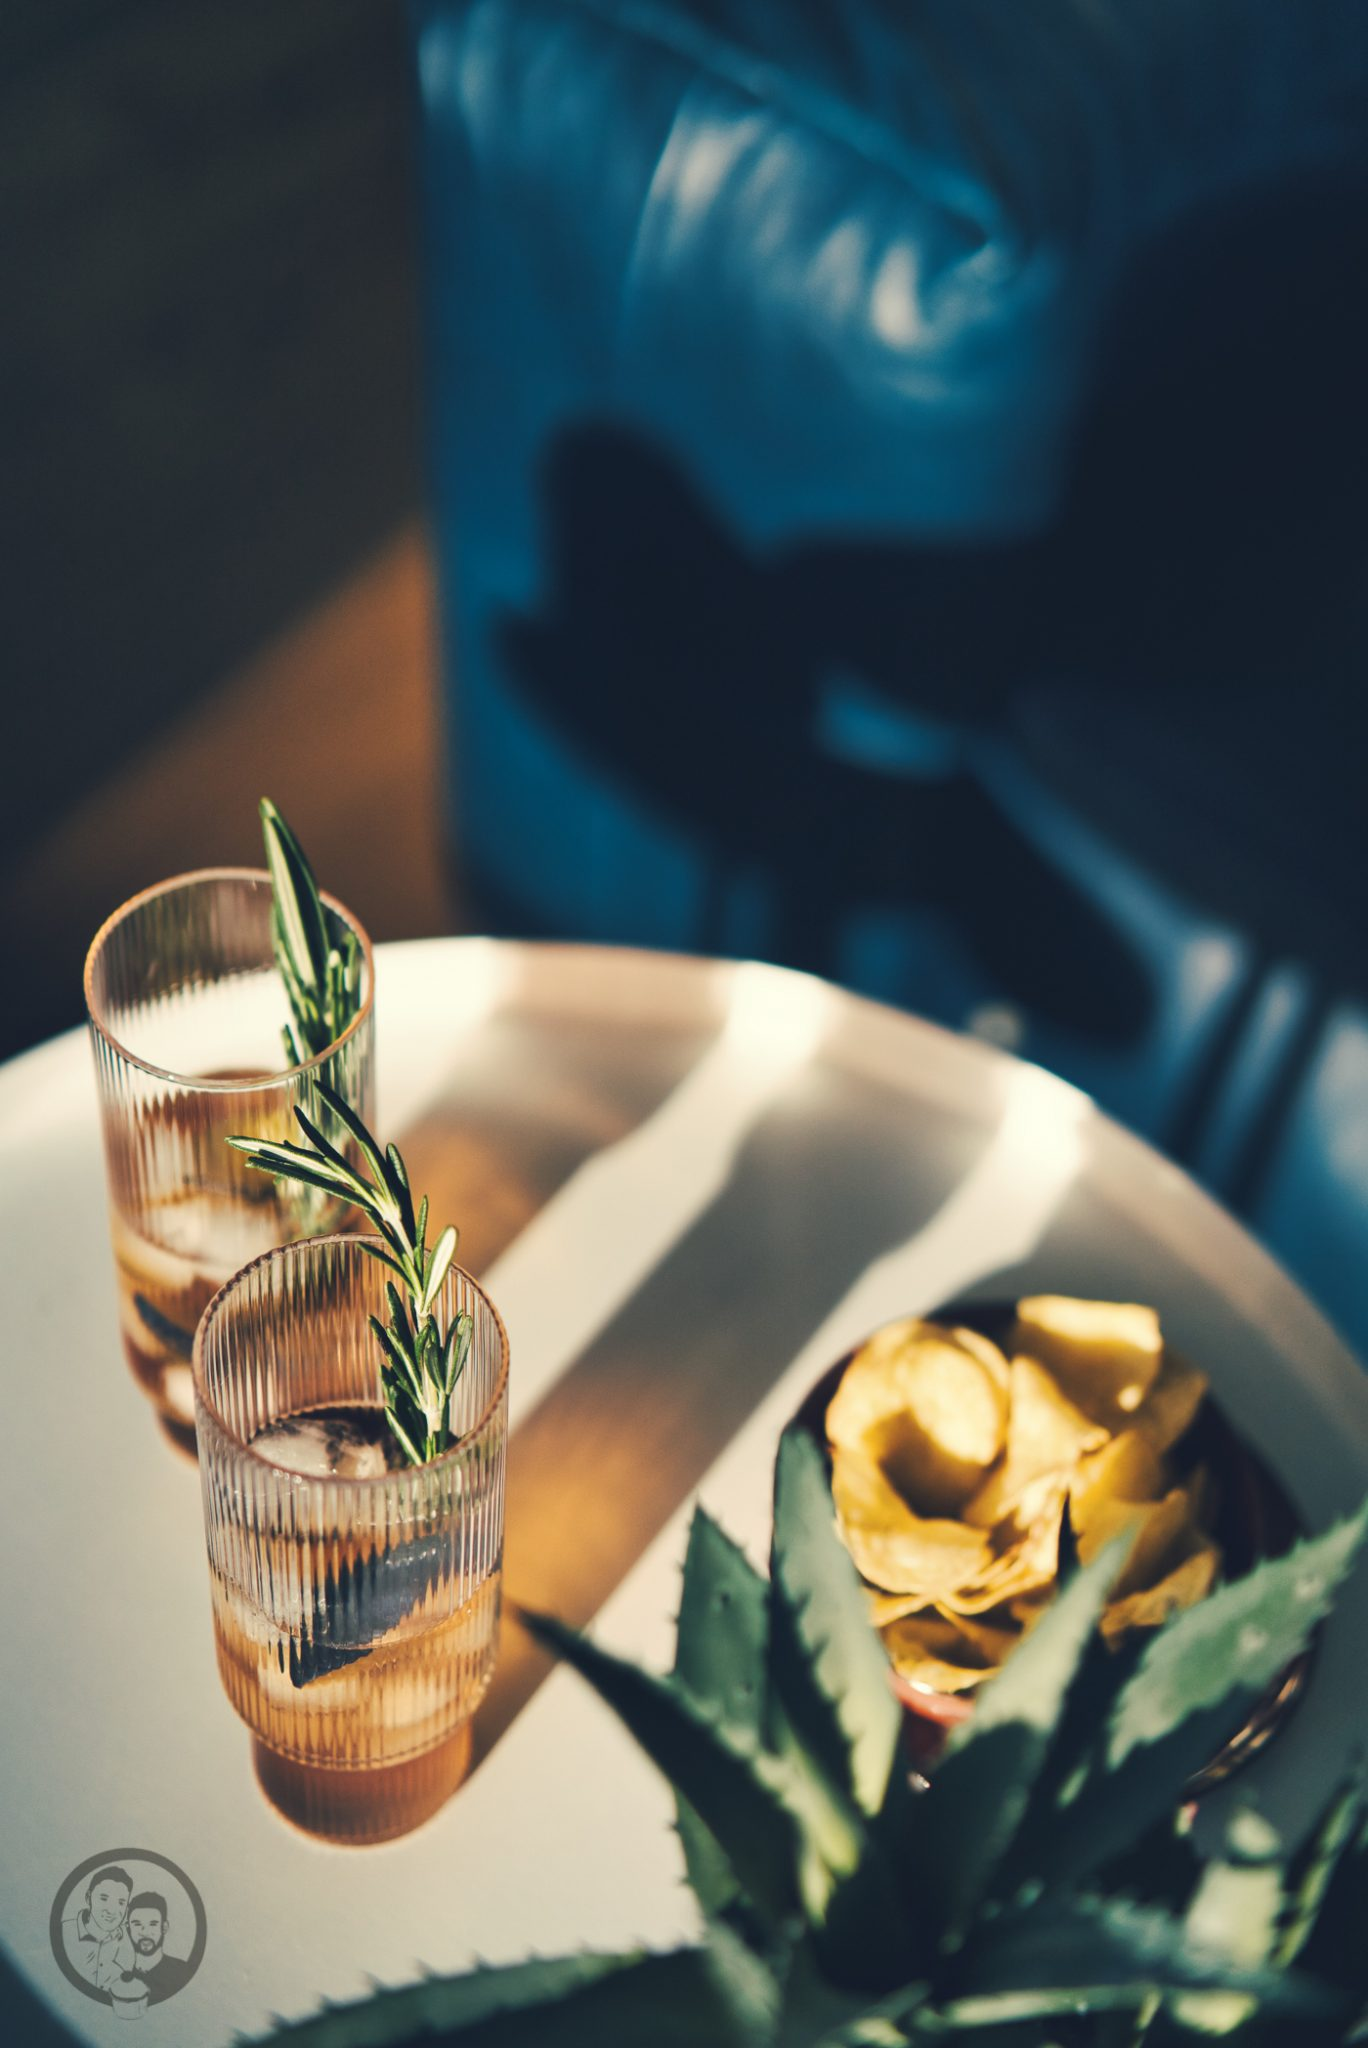 natural mailand aperitivo 73 | Vielleicht könnt ihr euch noch daran erinnern, dass wir uns vor ein paar Wochen mit einem neuen Rezept aus Mailand gemeldet haben. Denn genau dort dürften wir zwei schöne Tage verbringen. Die Stadt ist nicht nur für Mode sondern auch für eine tolle Food-Szene bekannt. Warum wir in Mailand waren und was unser neues Rezept für einen Pflaumen-Vermouth-Spritz damit zu tun hat und warum Naturals Chips der perfekte Begleiter dazu sind - das wollen wir euch heute zeigen.